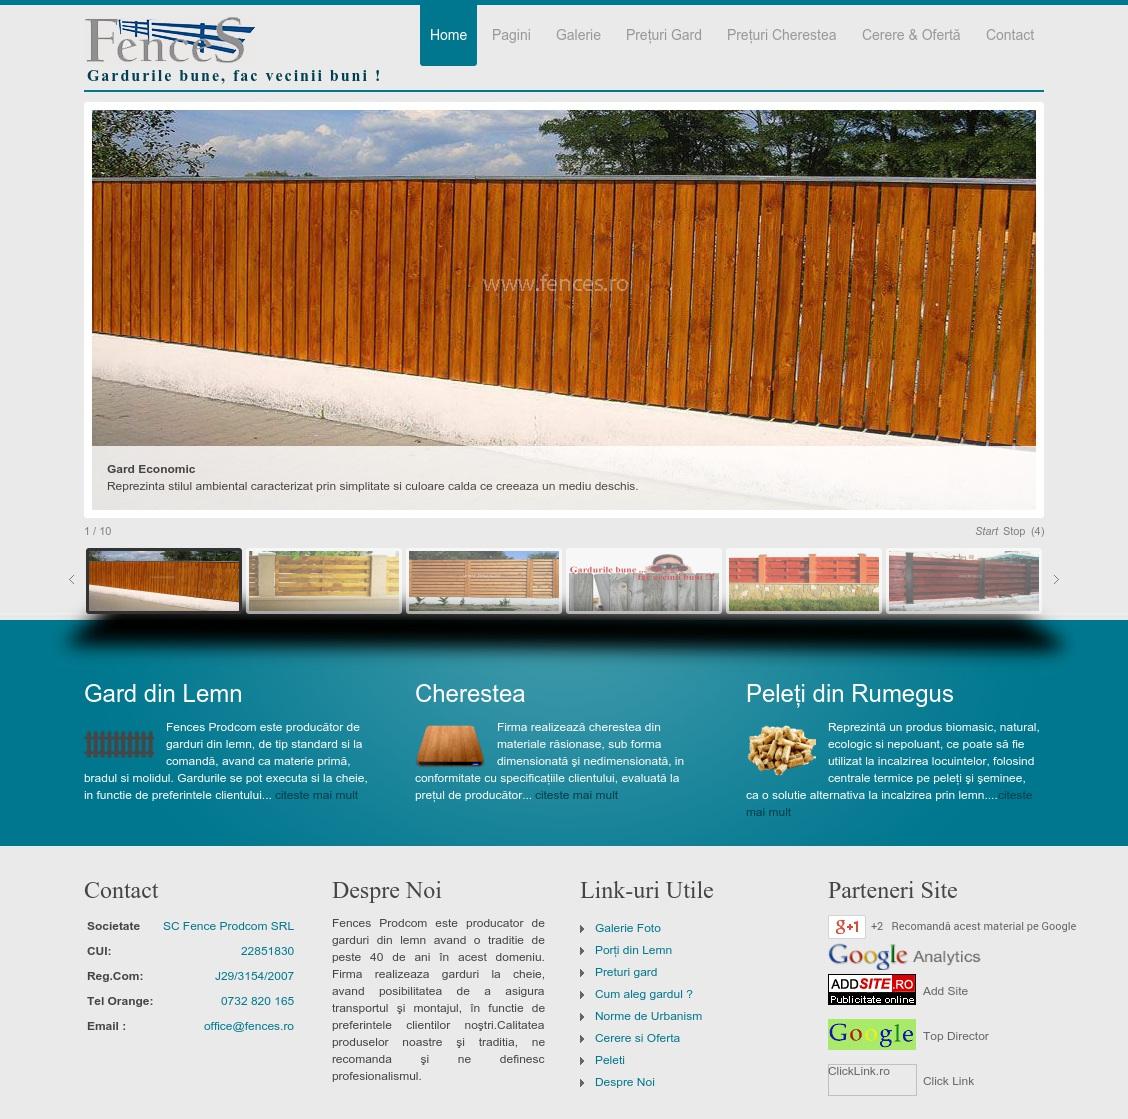 Fences Prodcom